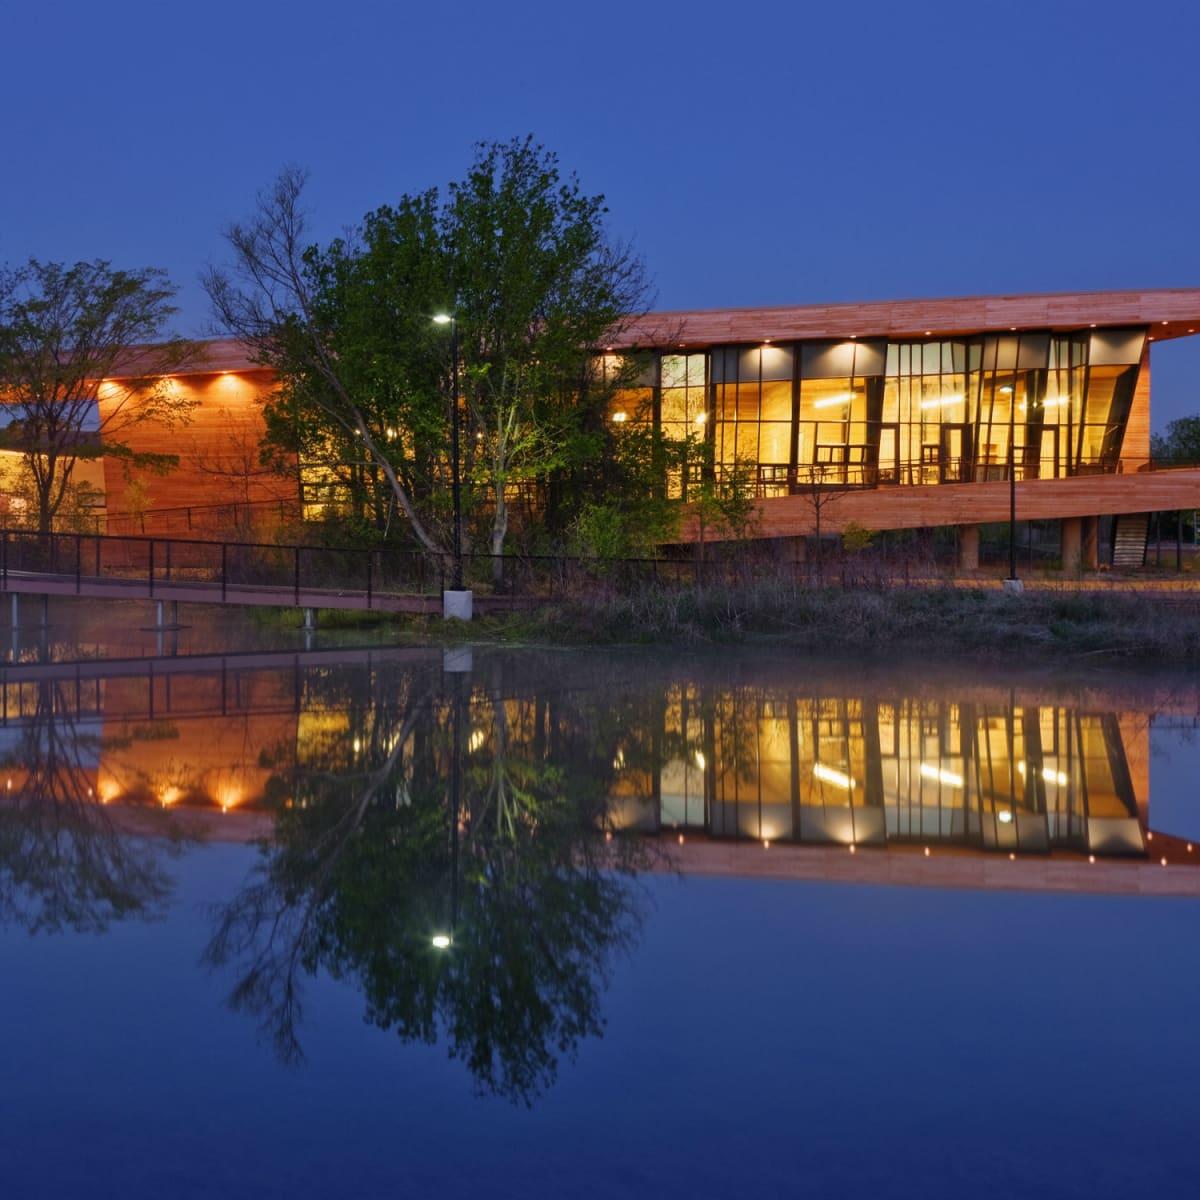 Trinity River Audubon Center in Dallas